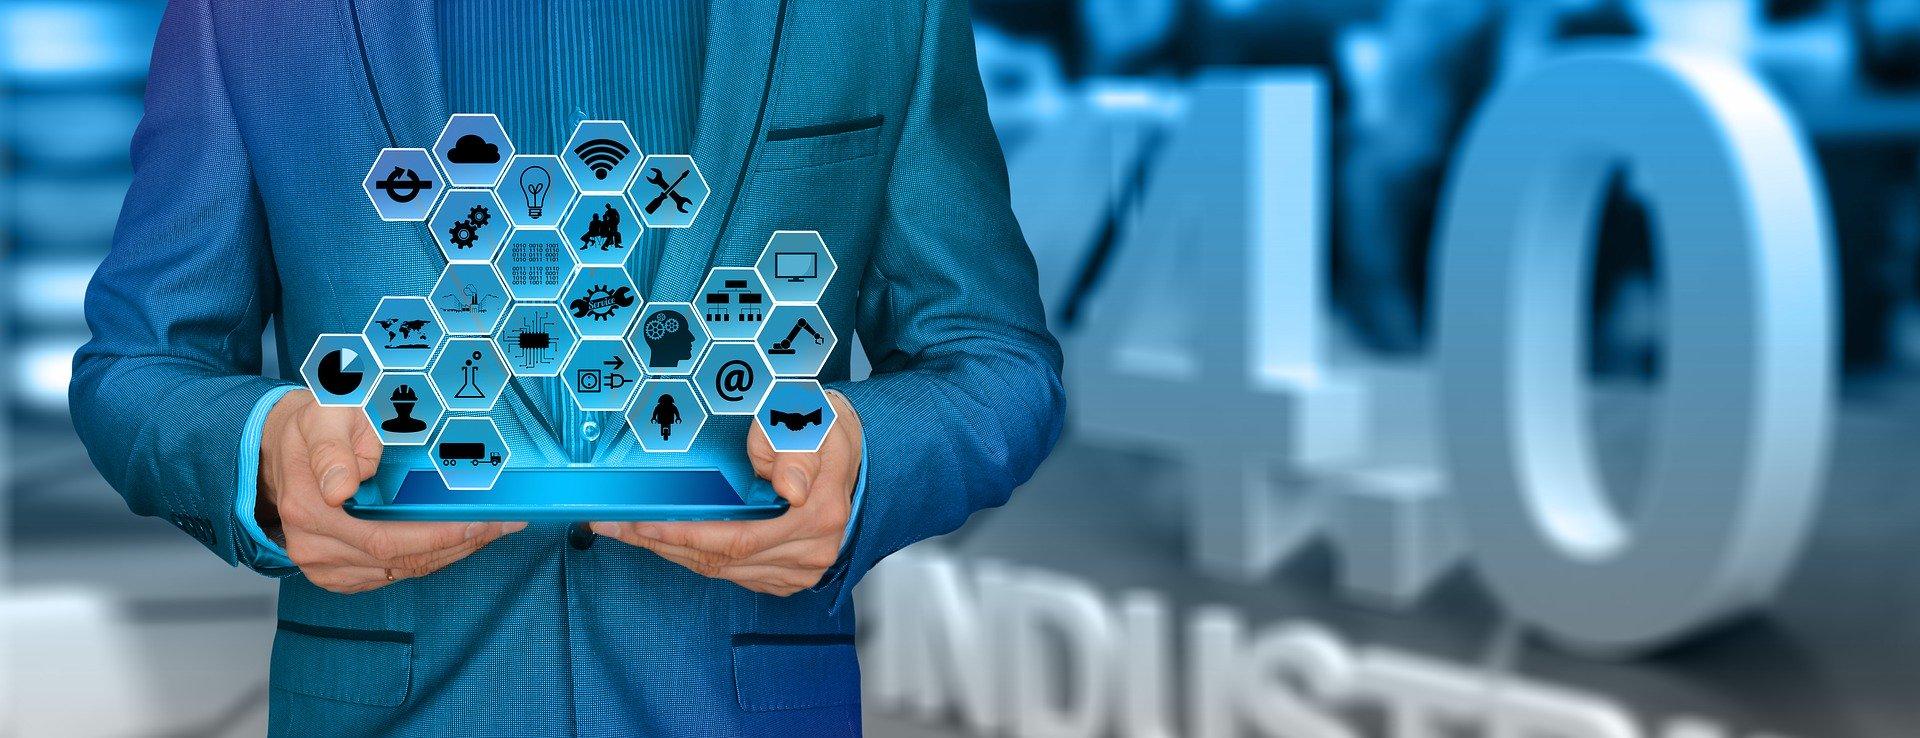 Liderazgo de equipos 4.0: Utilizando la inteligencia colaborativa